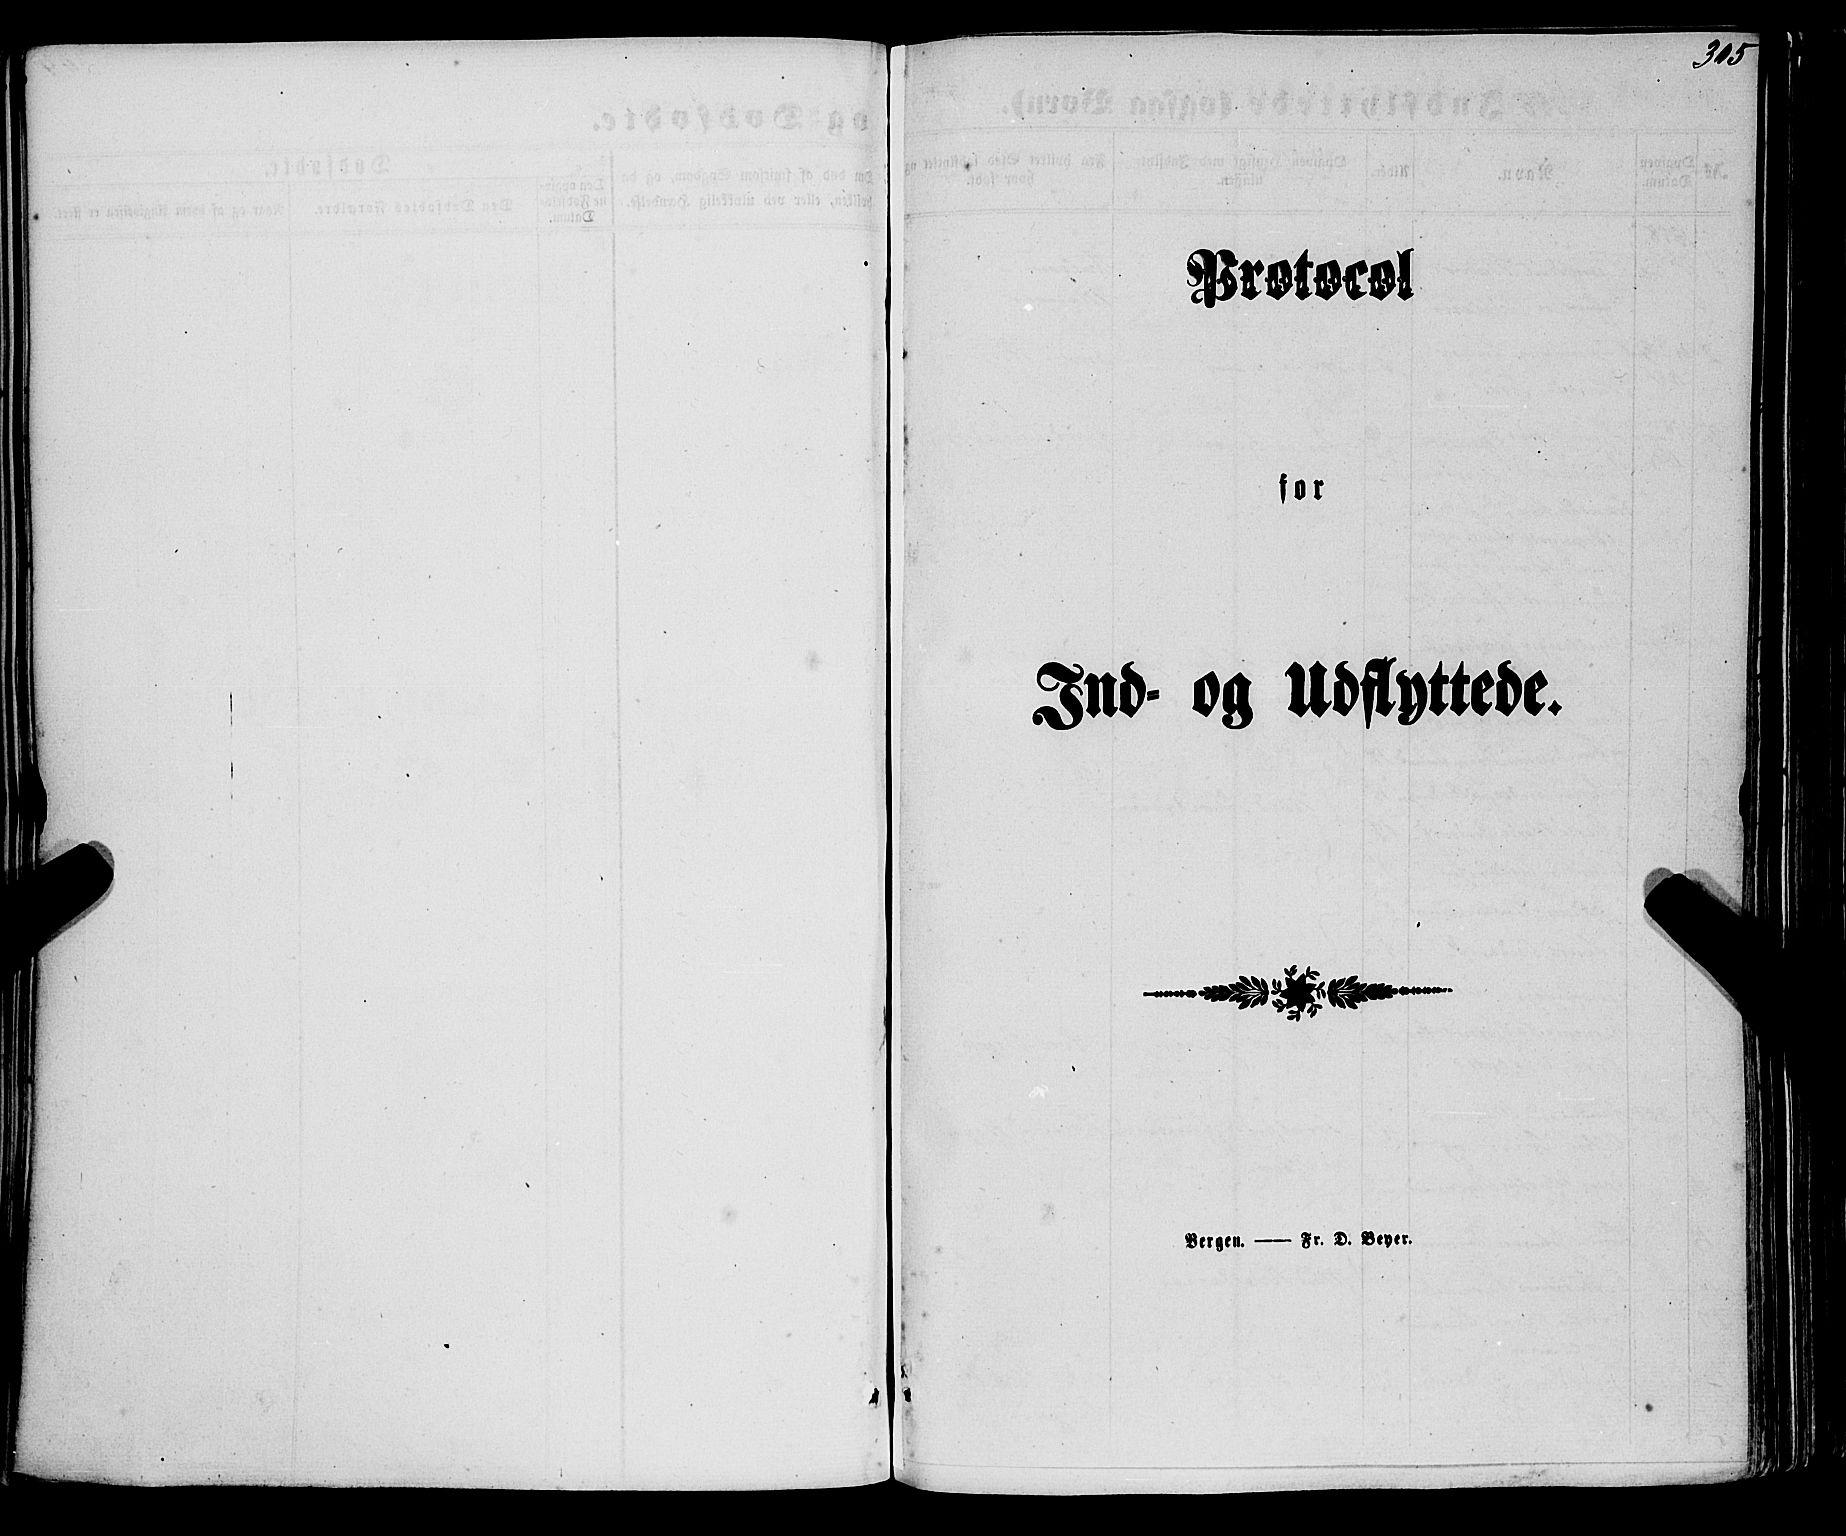 SAB, Selje sokneprestembete*, Ministerialbok nr. A 11, 1858-1870, s. 305